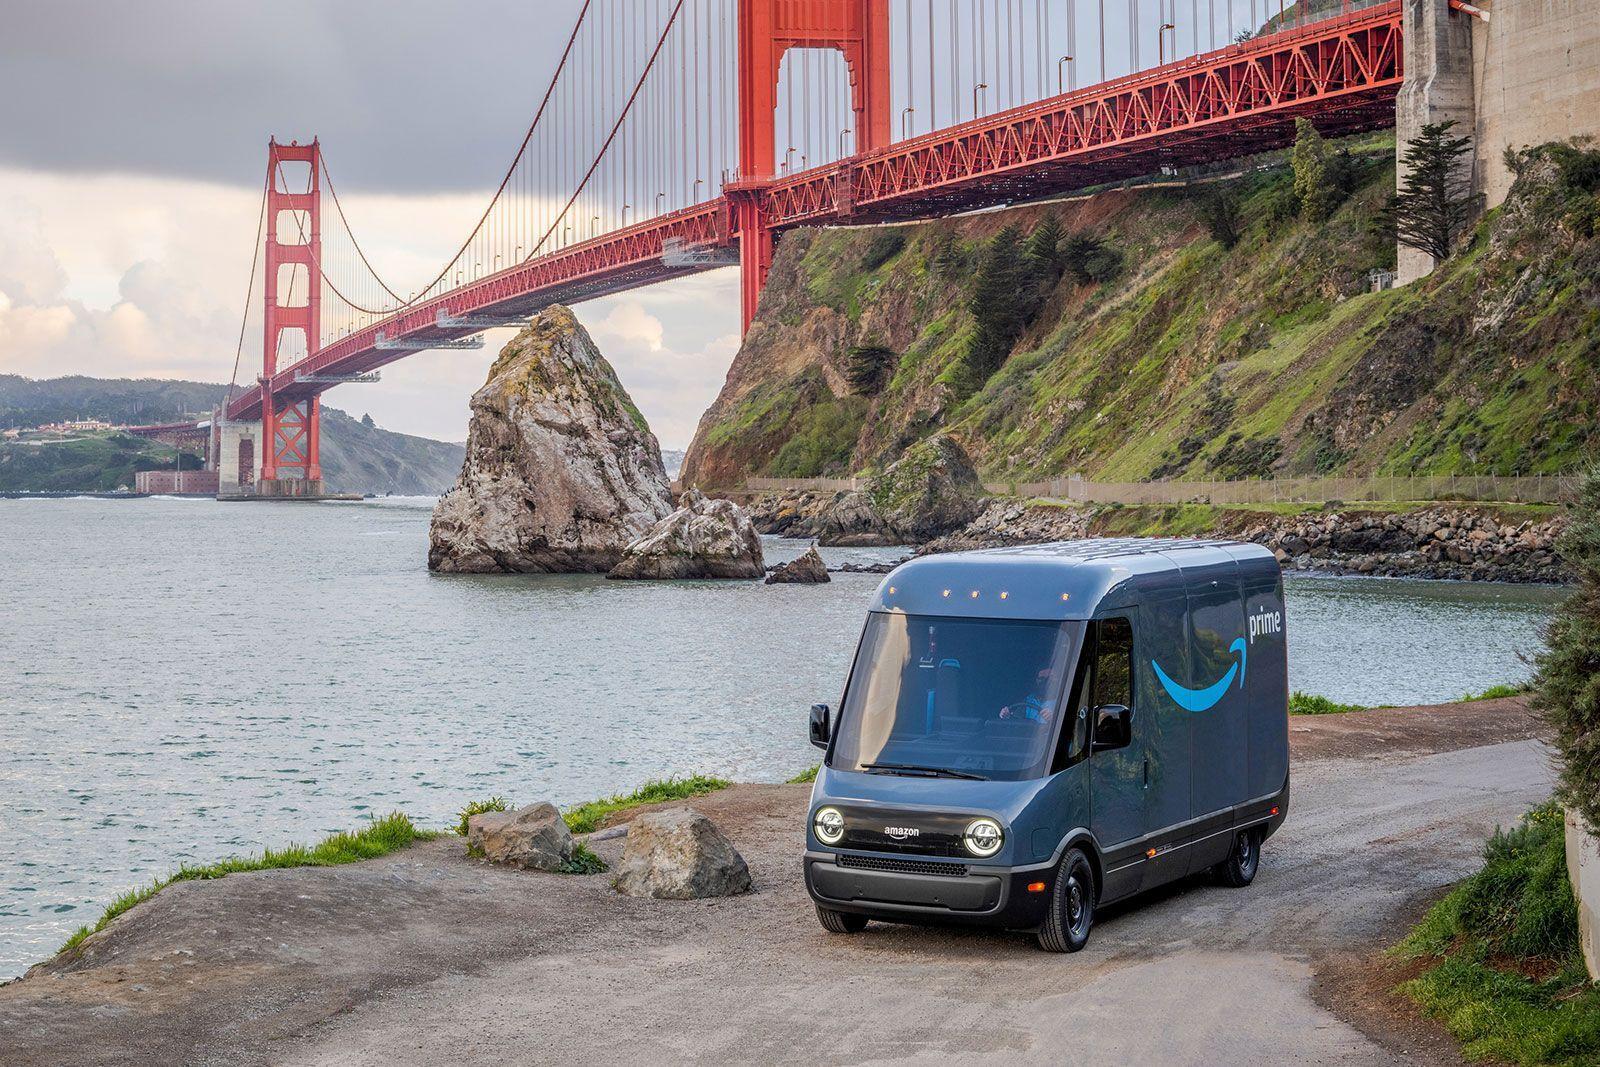 Прототипы фургона проходят тесты в условиях реальной эксплуатации